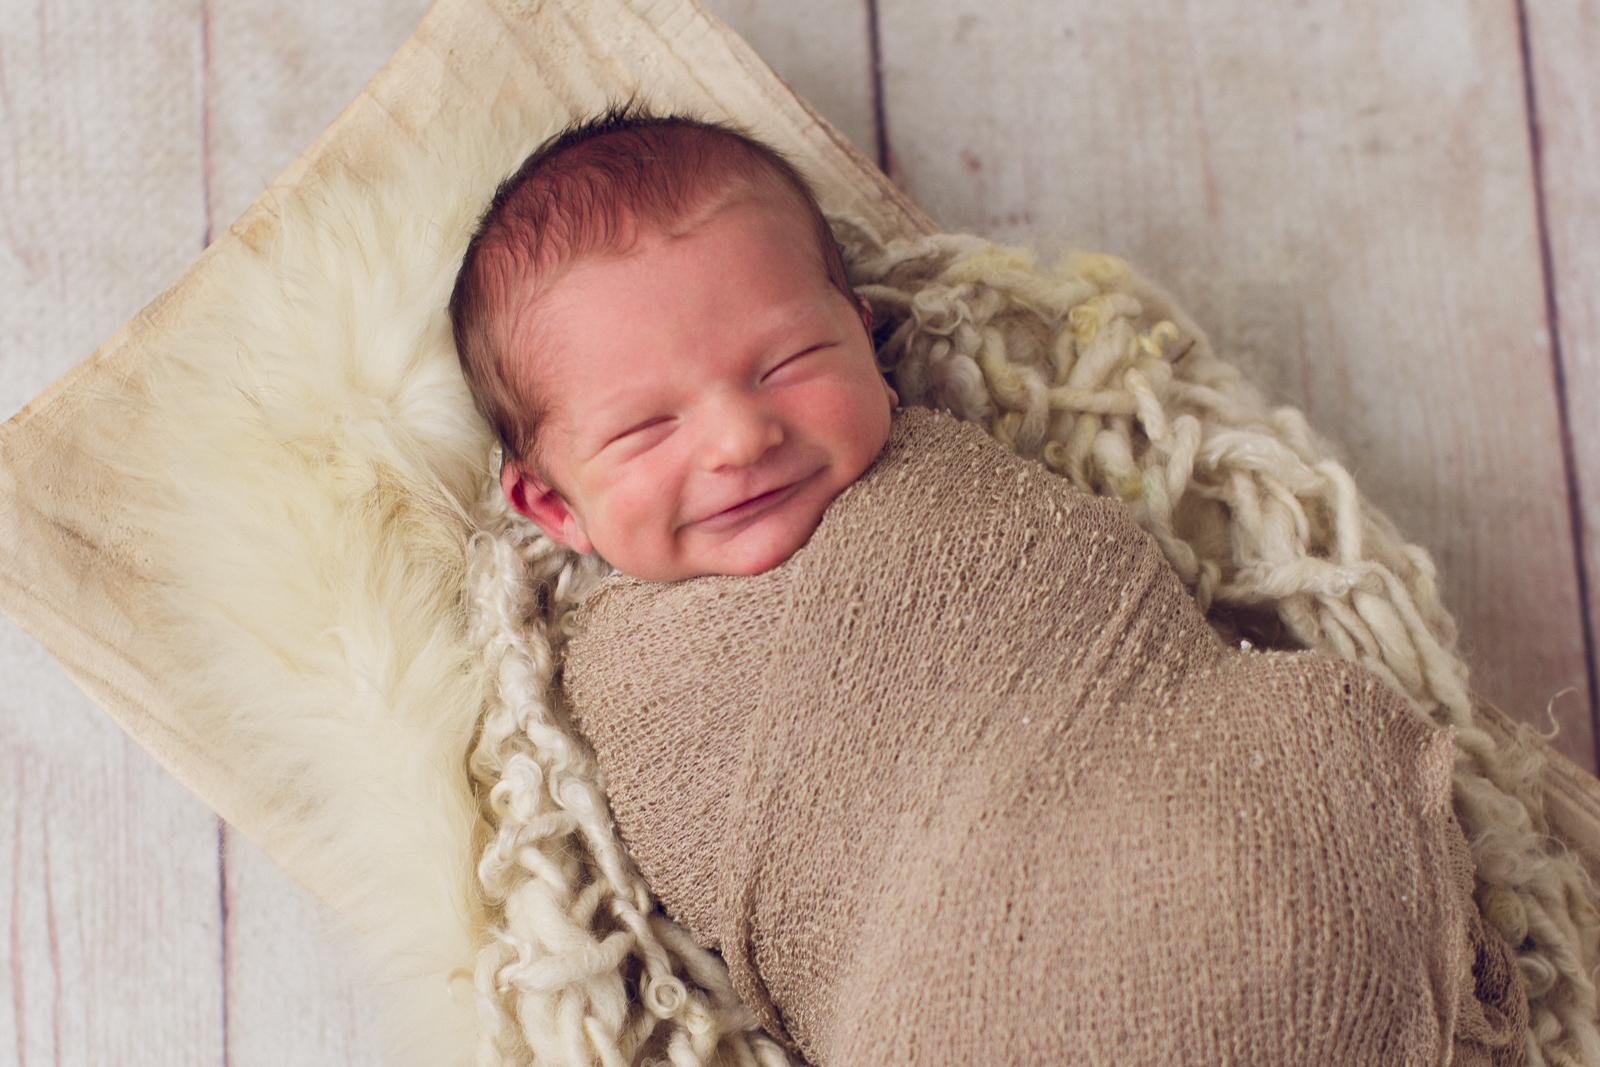 max-newborns-lafayette-indiana-photographer-newborn-photographer-2.jpg